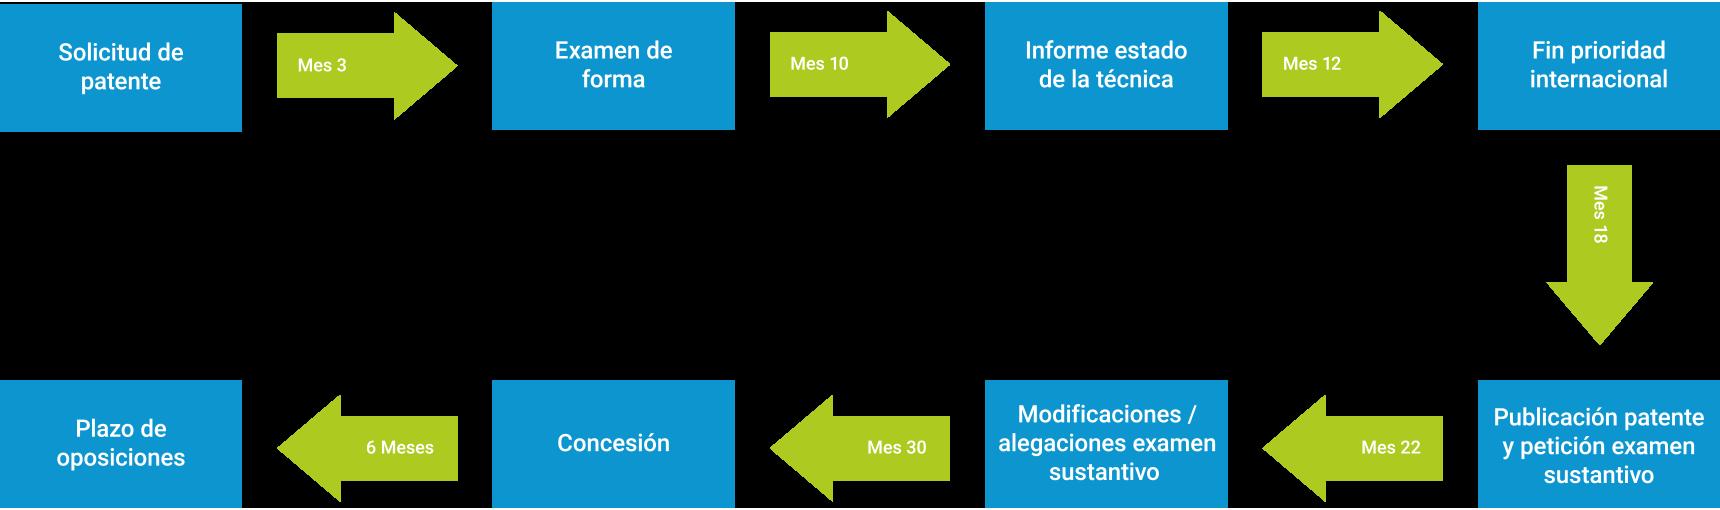 Diagrama Patente España